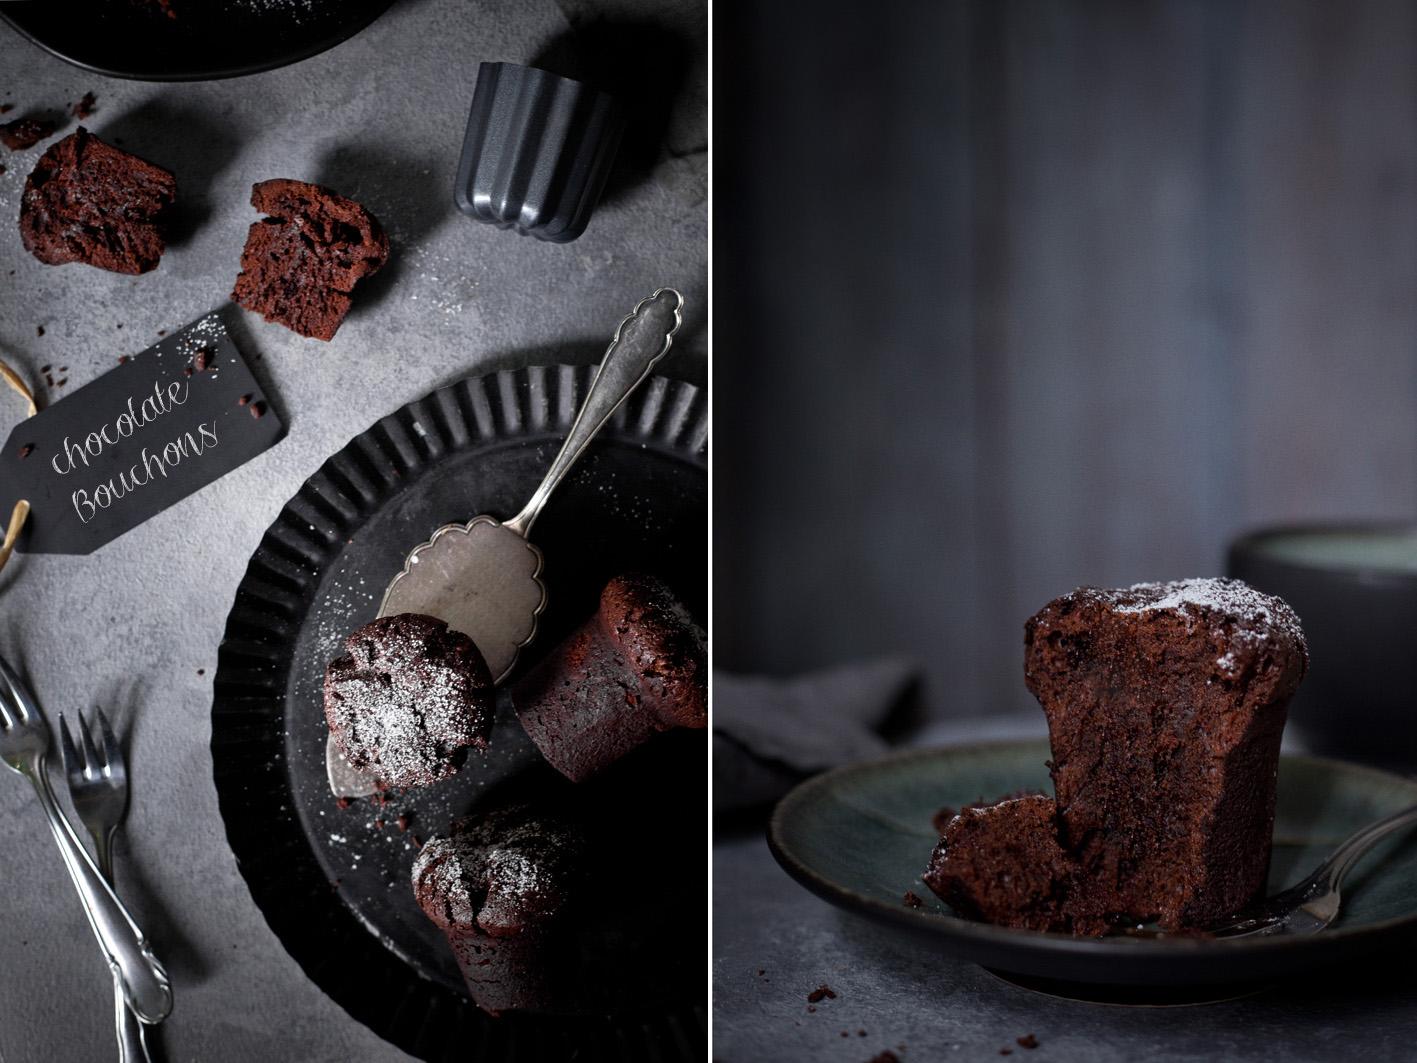 Saftige Schokoladen Bouchons